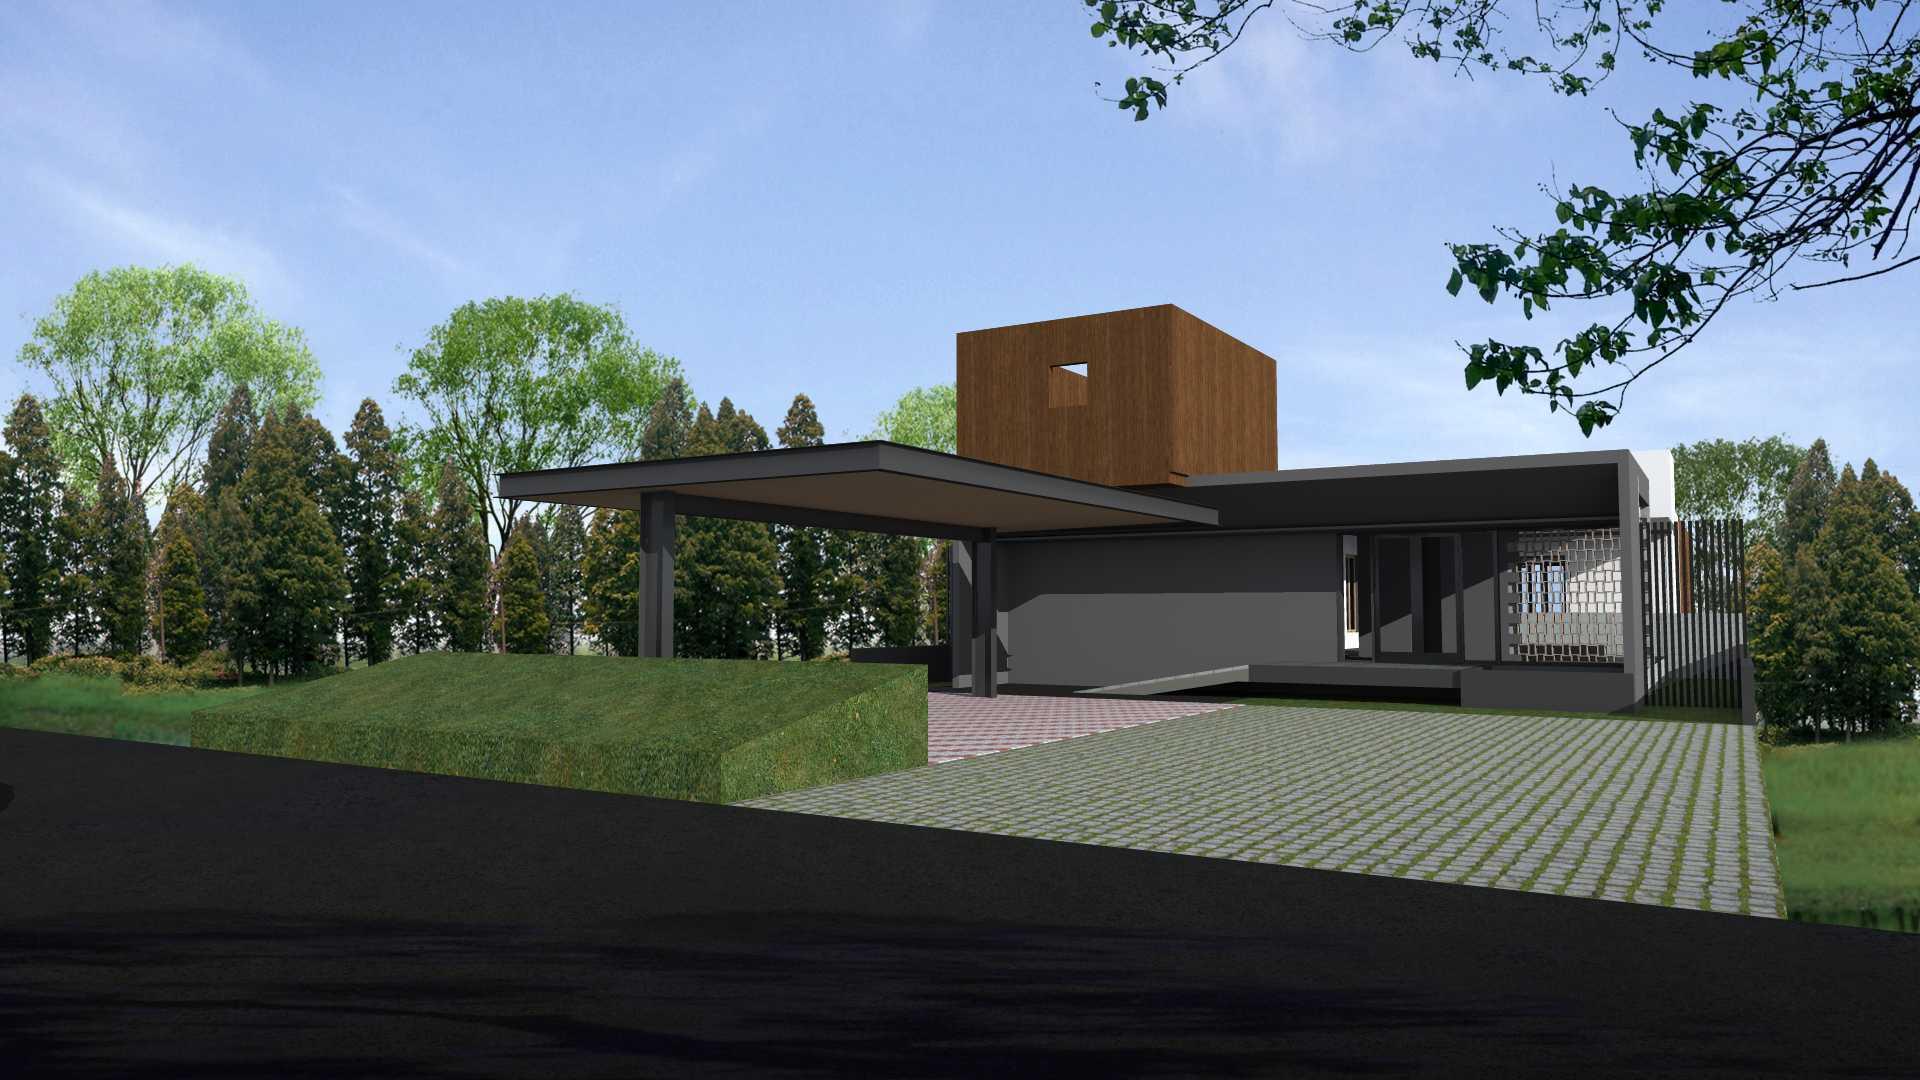 Qavah Architect Rumah Tebing Sukabumi, Sukabumi Regency, Jawa Barat, Indonesia Sukabumi, Sukabumi Regency, Jawa Barat, Indonesia Qavah-Architect-Rumah-Tebing  86821